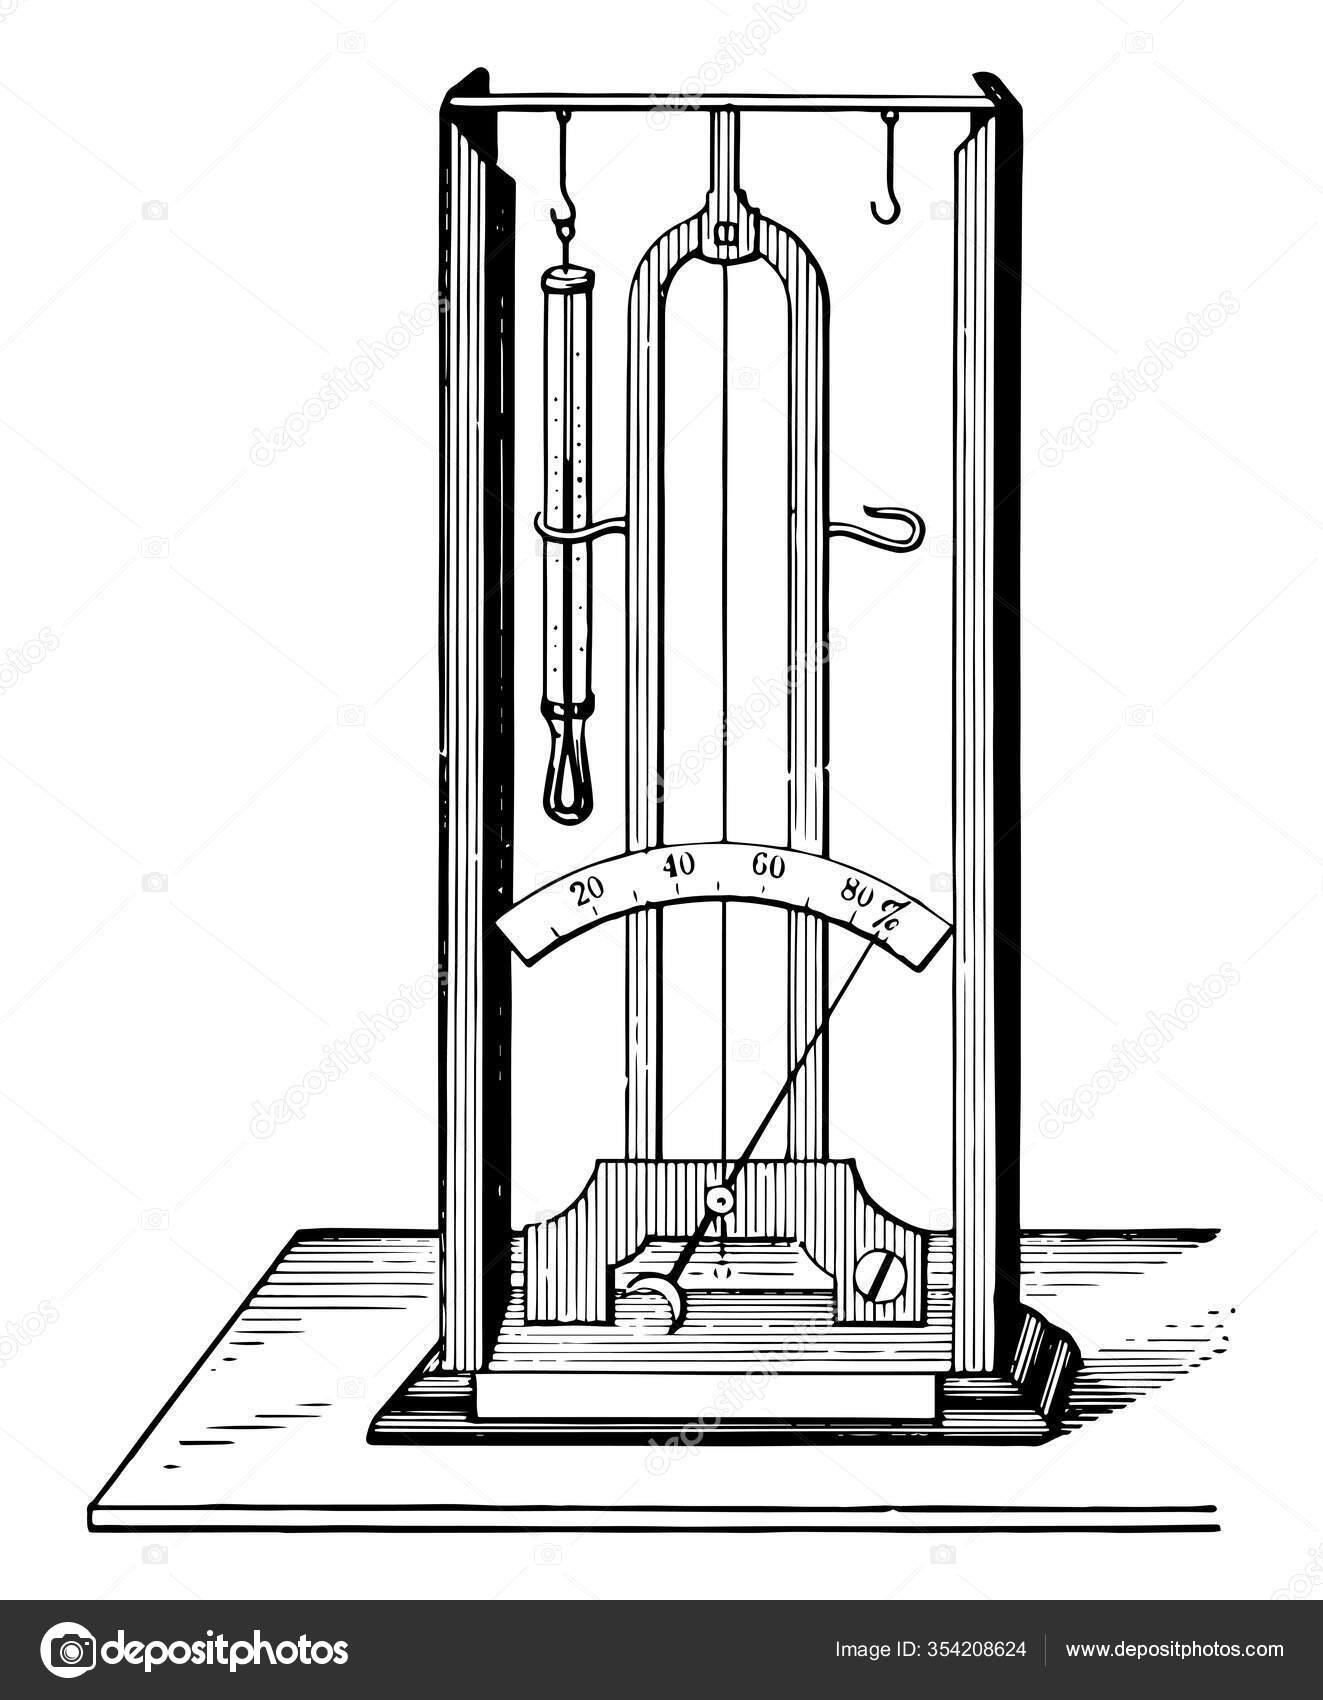 Diagrama Higr U00f3metro Capilar Dibujo L U00ednea Vintage